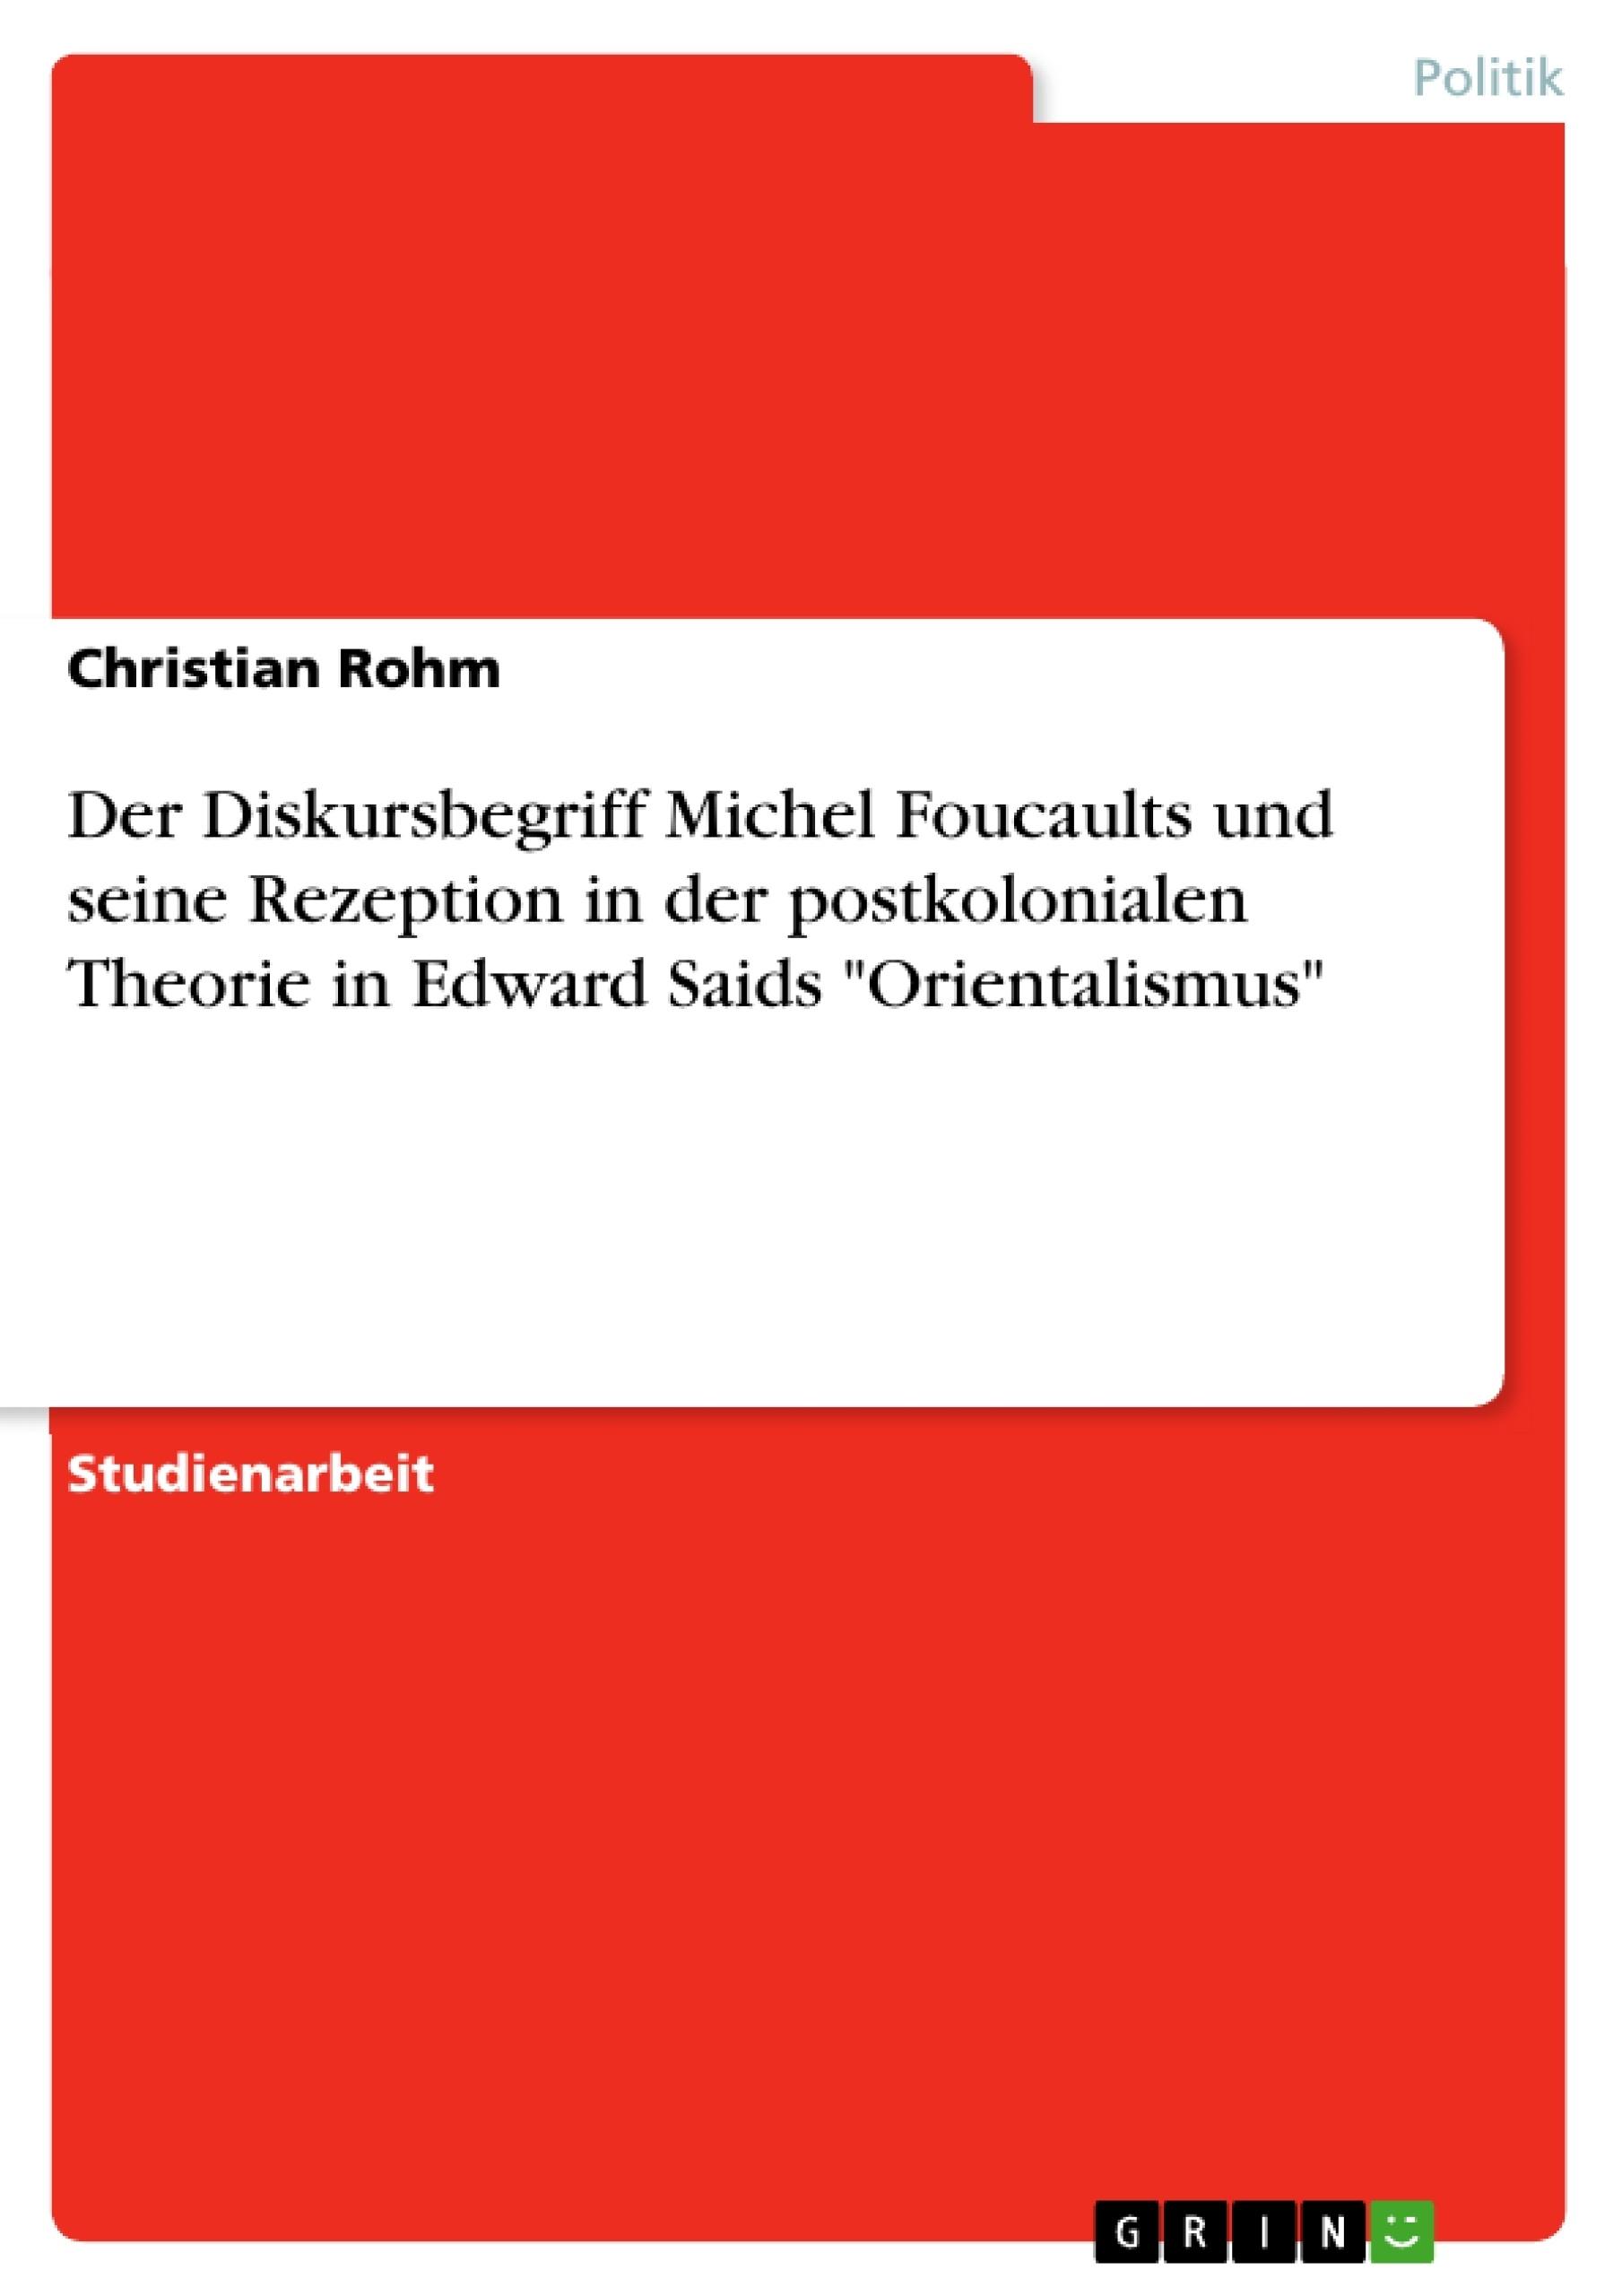 """Titel: Der Diskursbegriff Michel Foucaults und seine Rezeption in der postkolonialen Theorie in Edward Saids """"Orientalismus"""""""